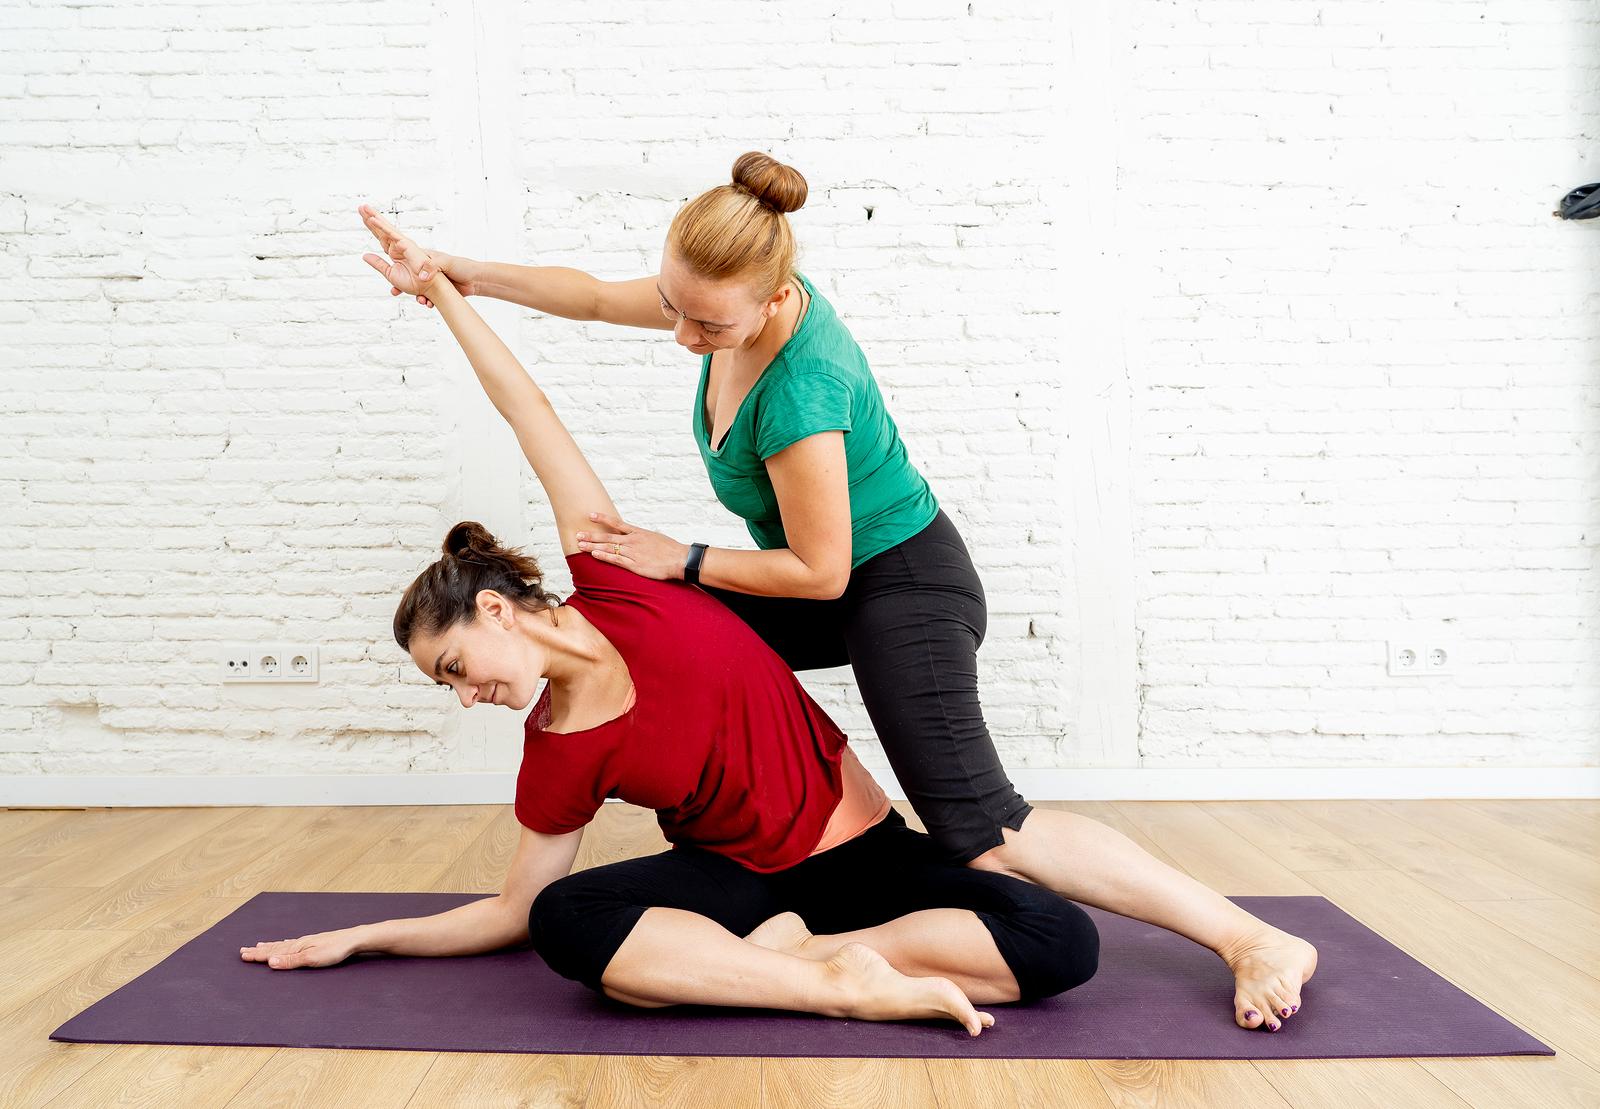 Jolene Cherry condivide 5 consigli sui social media per istruttori di yoga